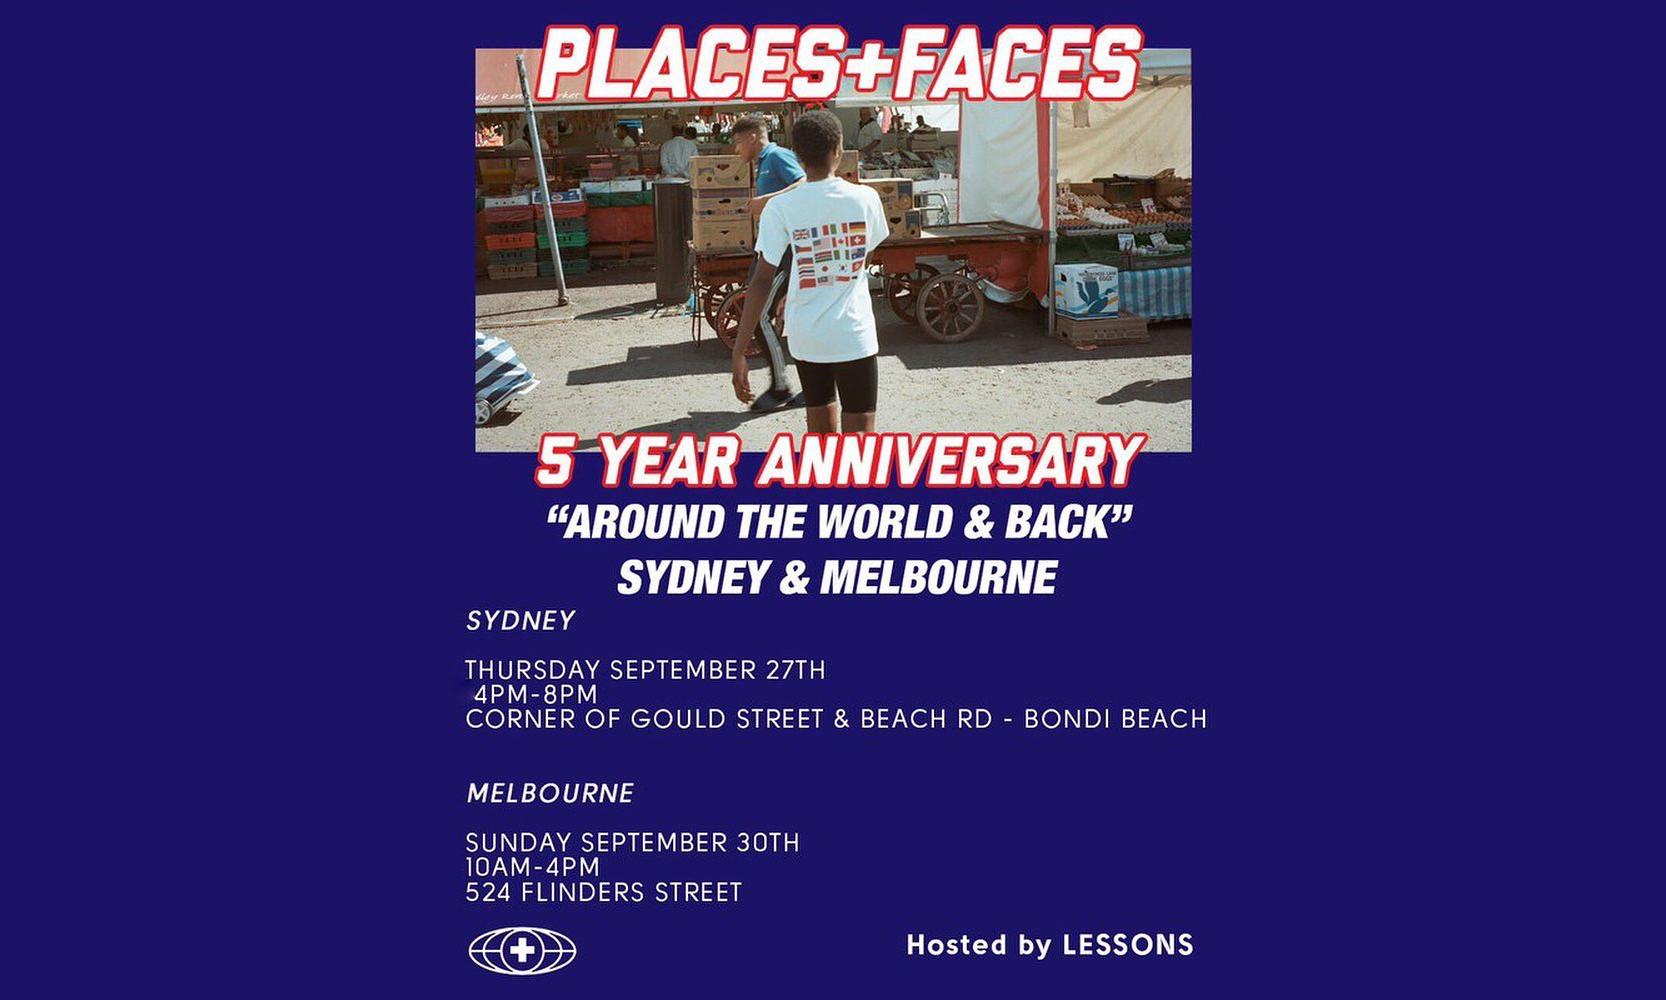 PLACES + FACES 5 周年期限定将在悉尼、墨尔本展开